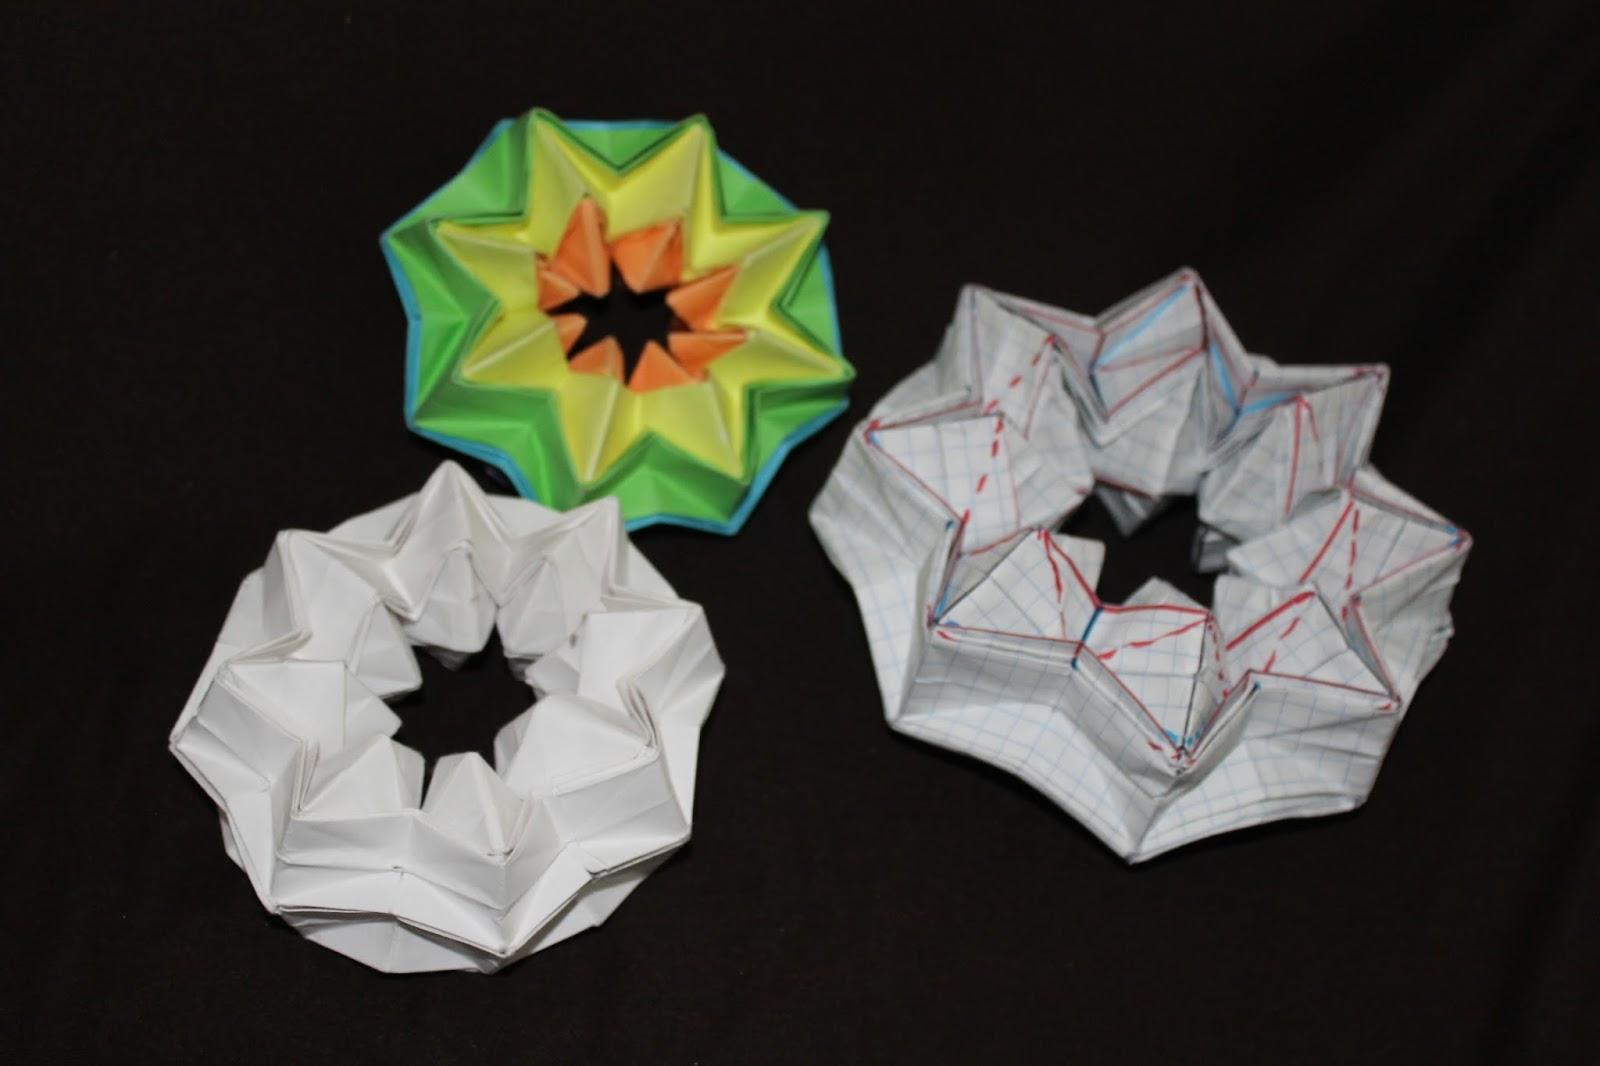 Si Te Gusta El Origami Y Andabas Buscando Tutorial Sobre Como Hacer La Estrella Magica Orilandcomparto Contigo Mi Metodo Cual Deduje De Unas